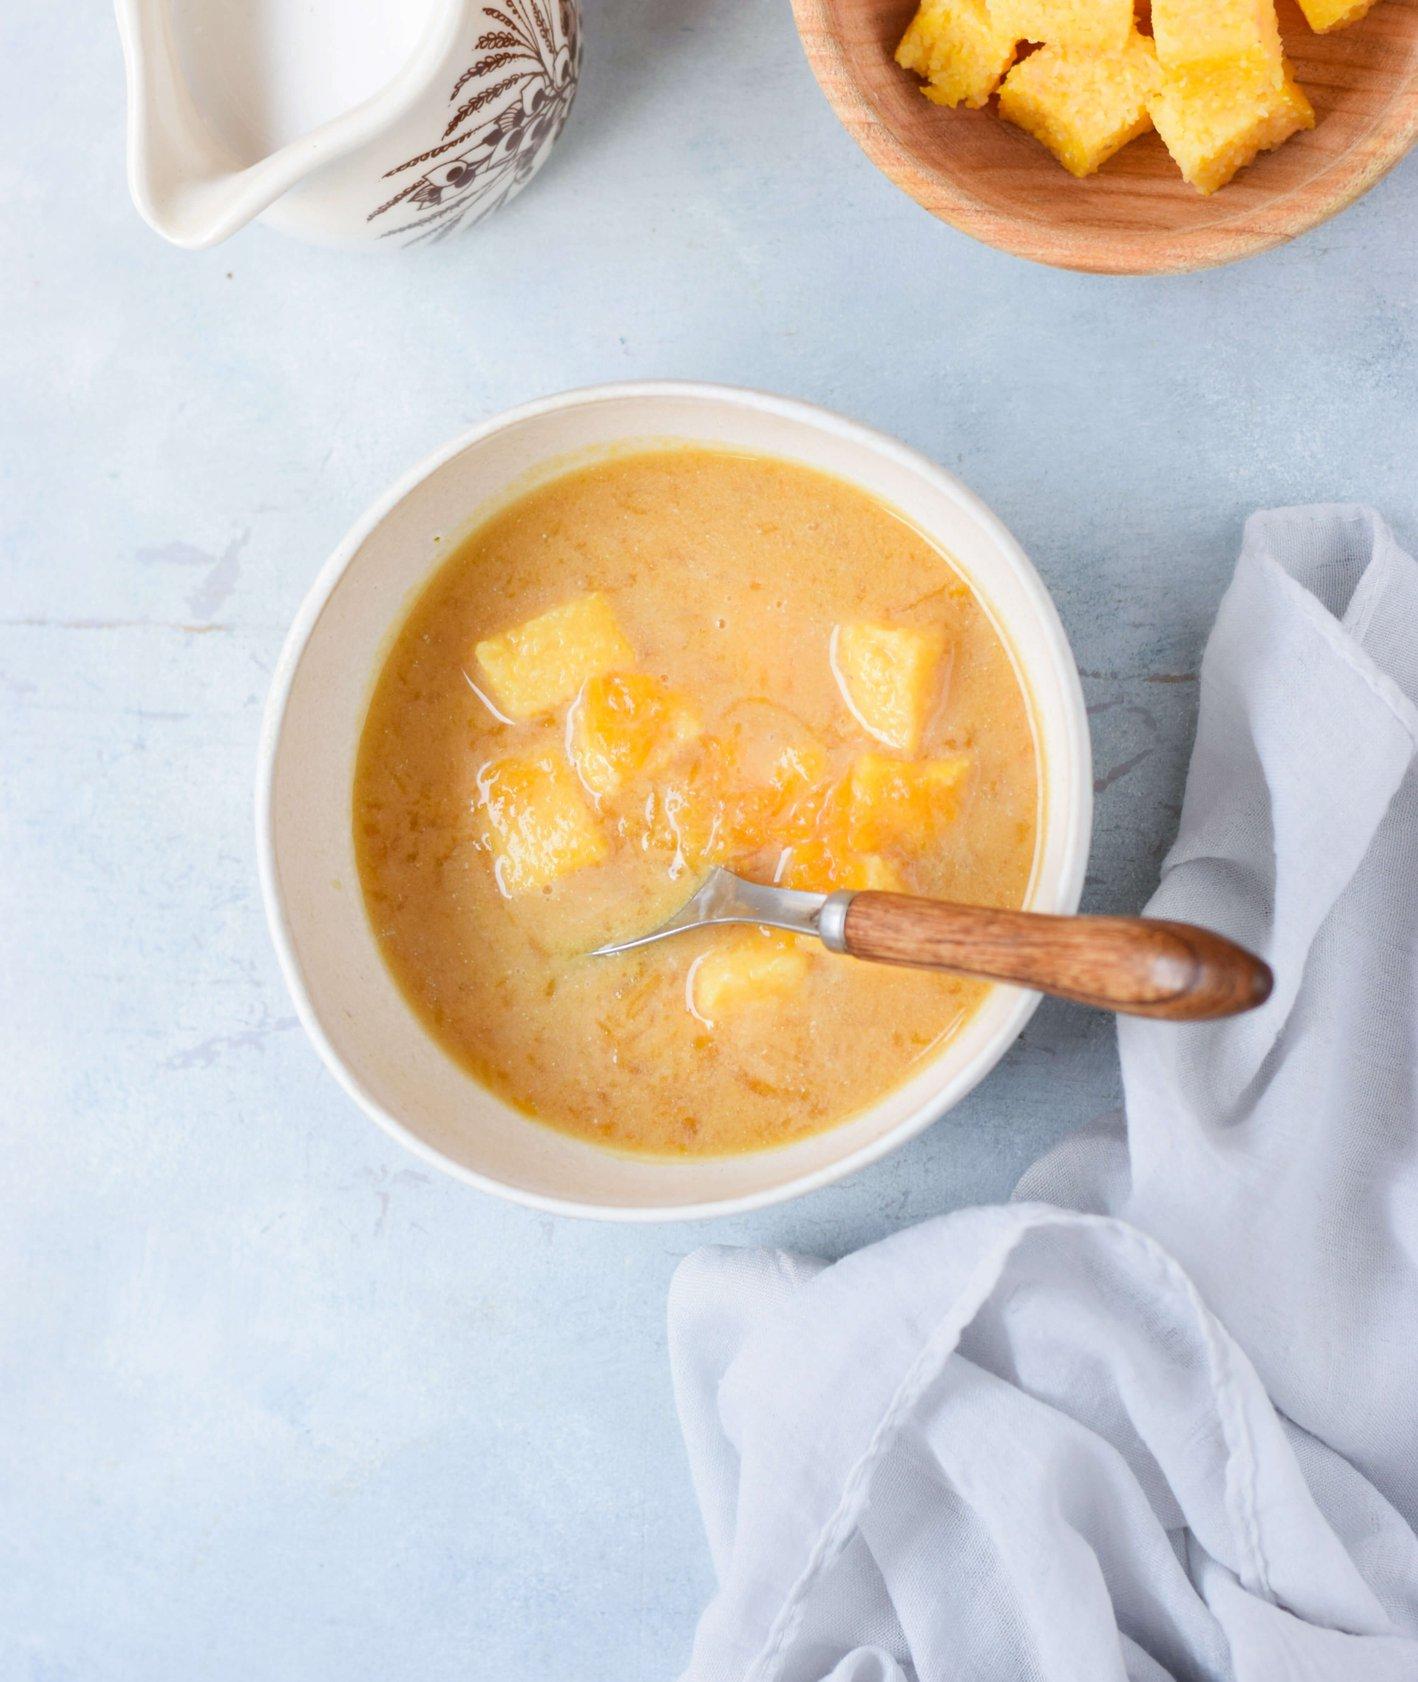 Miska zupy dyniowej, pokrojone kostki dyni, mleko kokosowe (fot. Anna Szewczyk)